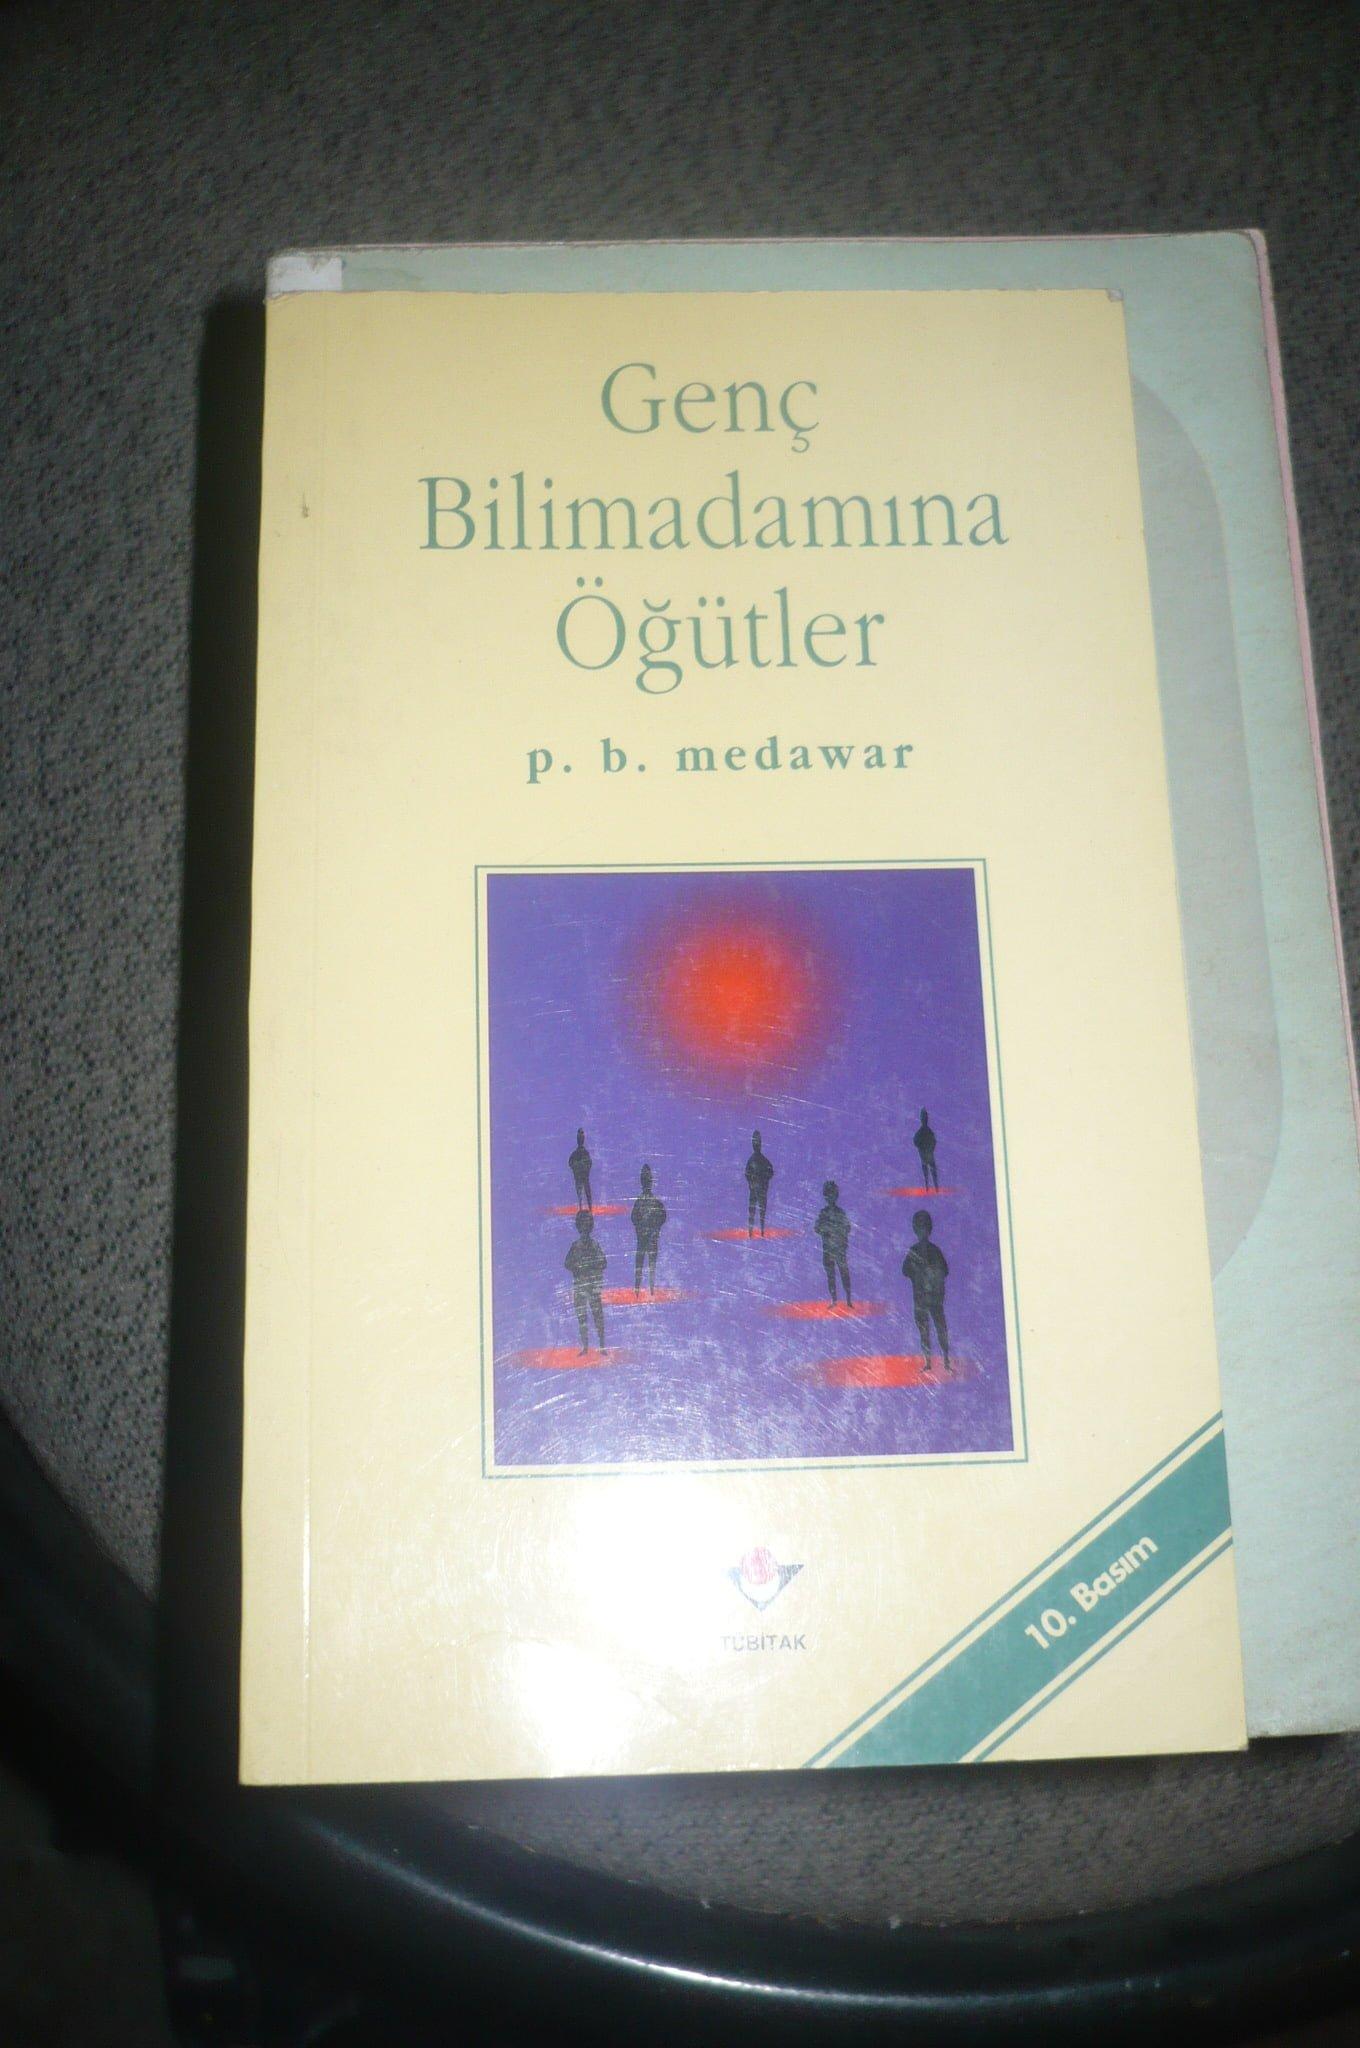 GENÇ BİLİM ADAMINA ÖĞÜTLER/ p.b.medawar/ 15 TL